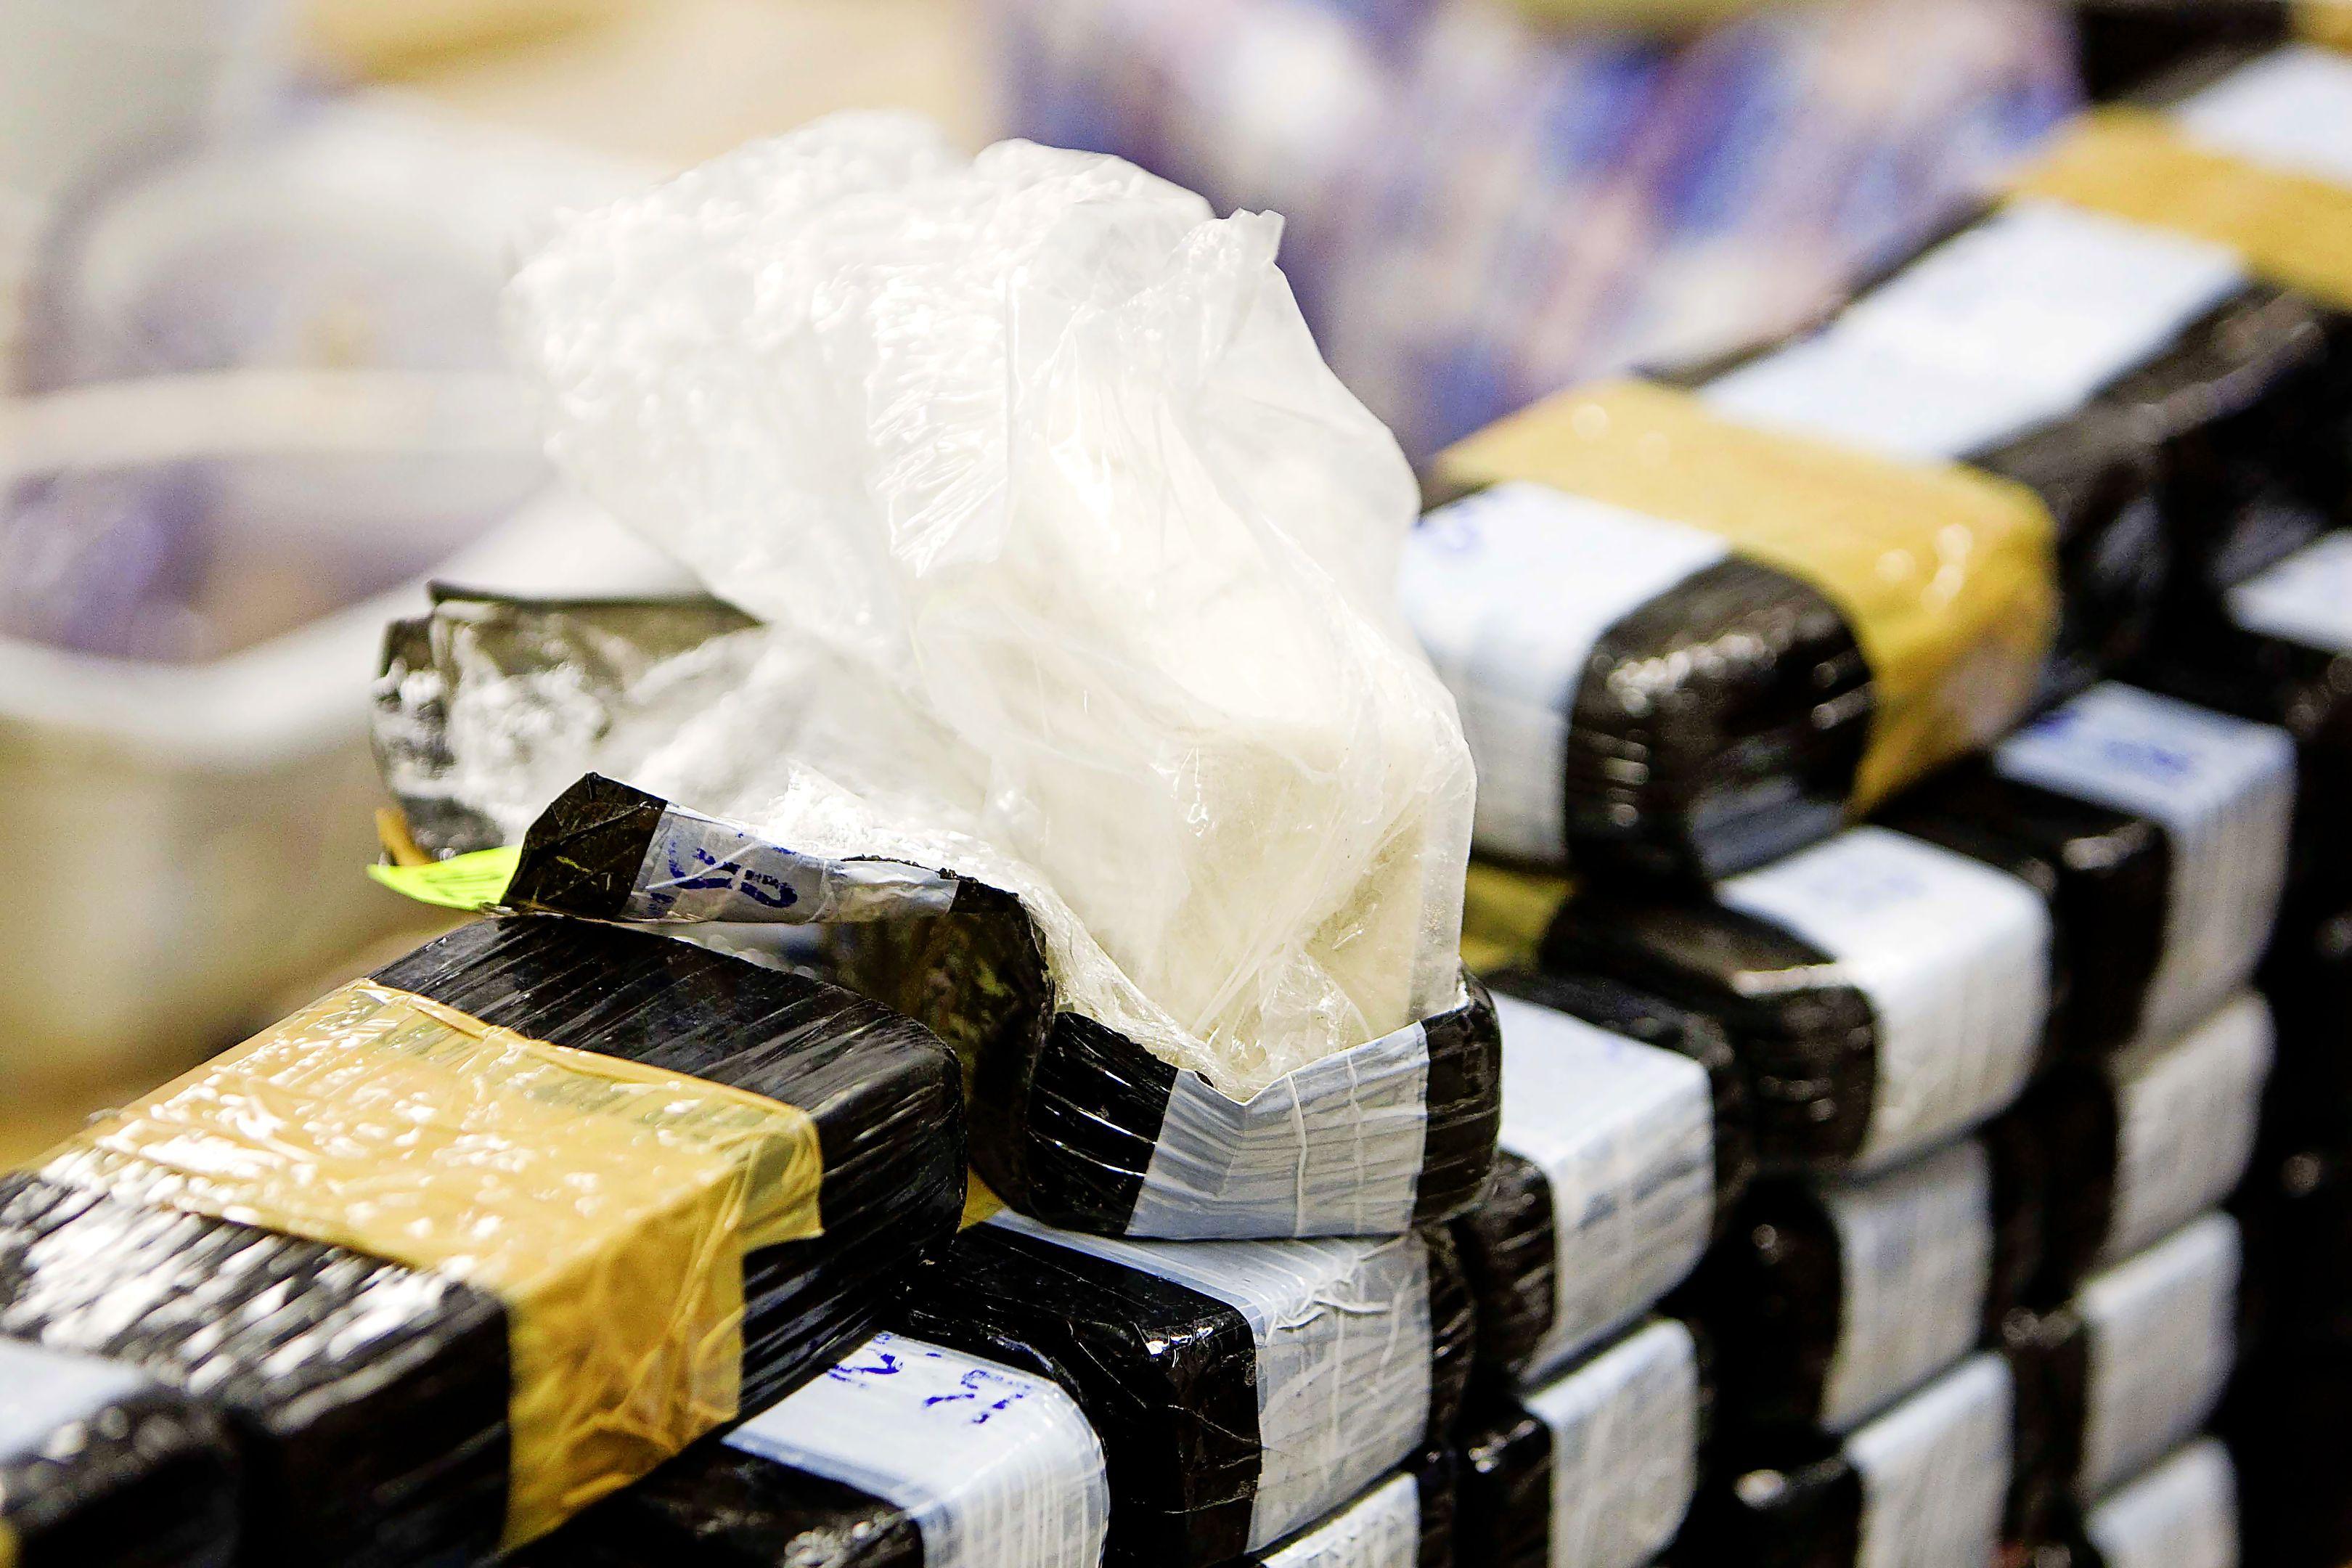 Drugscriminaliteit Gooi en Vechtstreek krijgt klap: politie houdt twee verdachten aan. Toch zijn er zorgen. 'De aanwas van jongeren in drugshandel is problematisch'